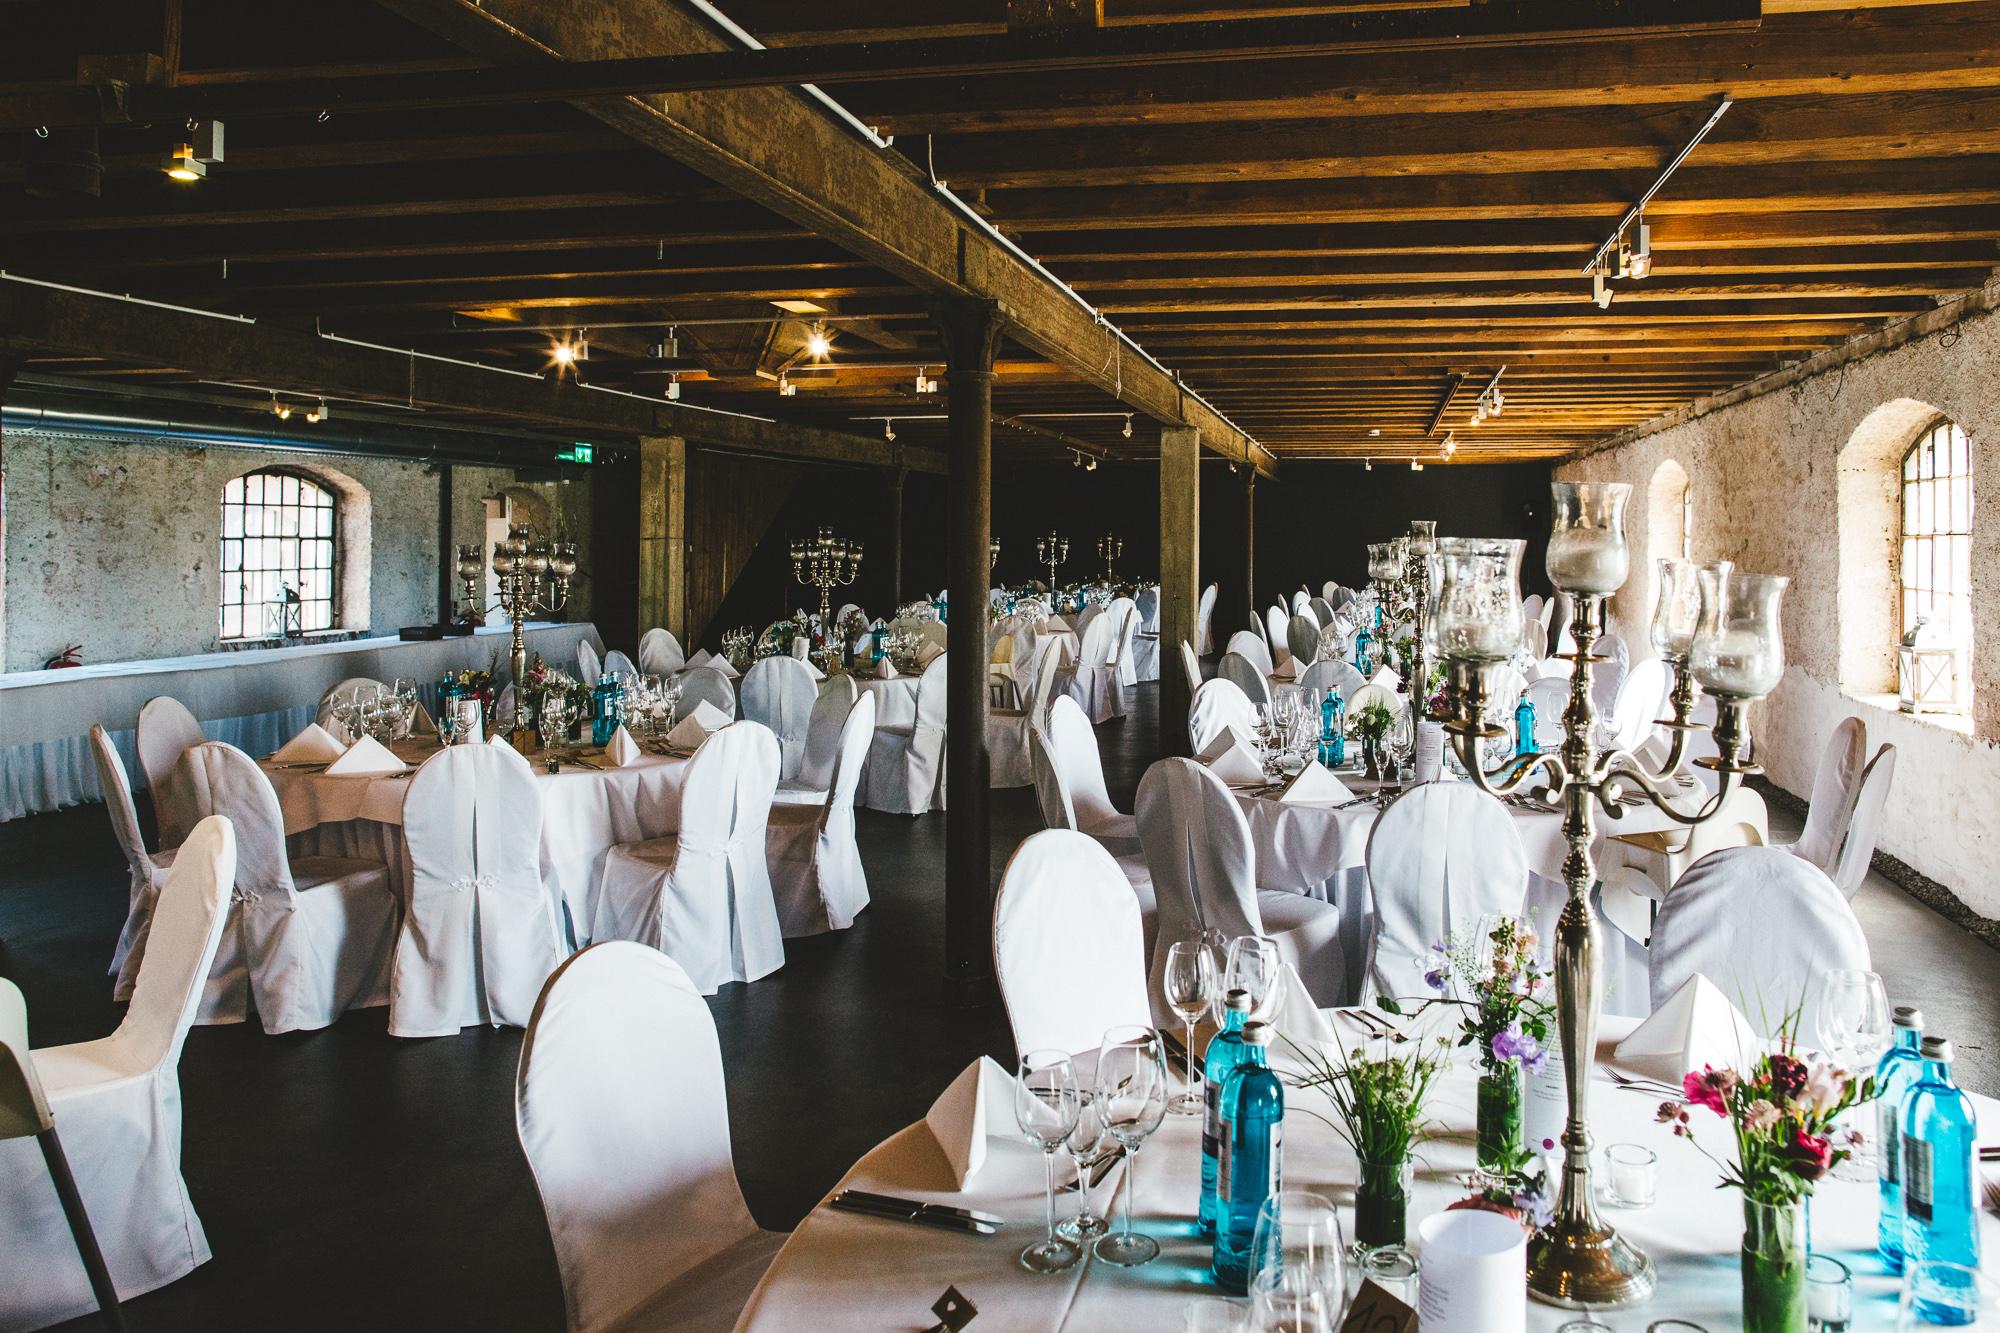 annethomas 226 - Hochzeit im wunderschönen Ladenburg in Eichenstolz